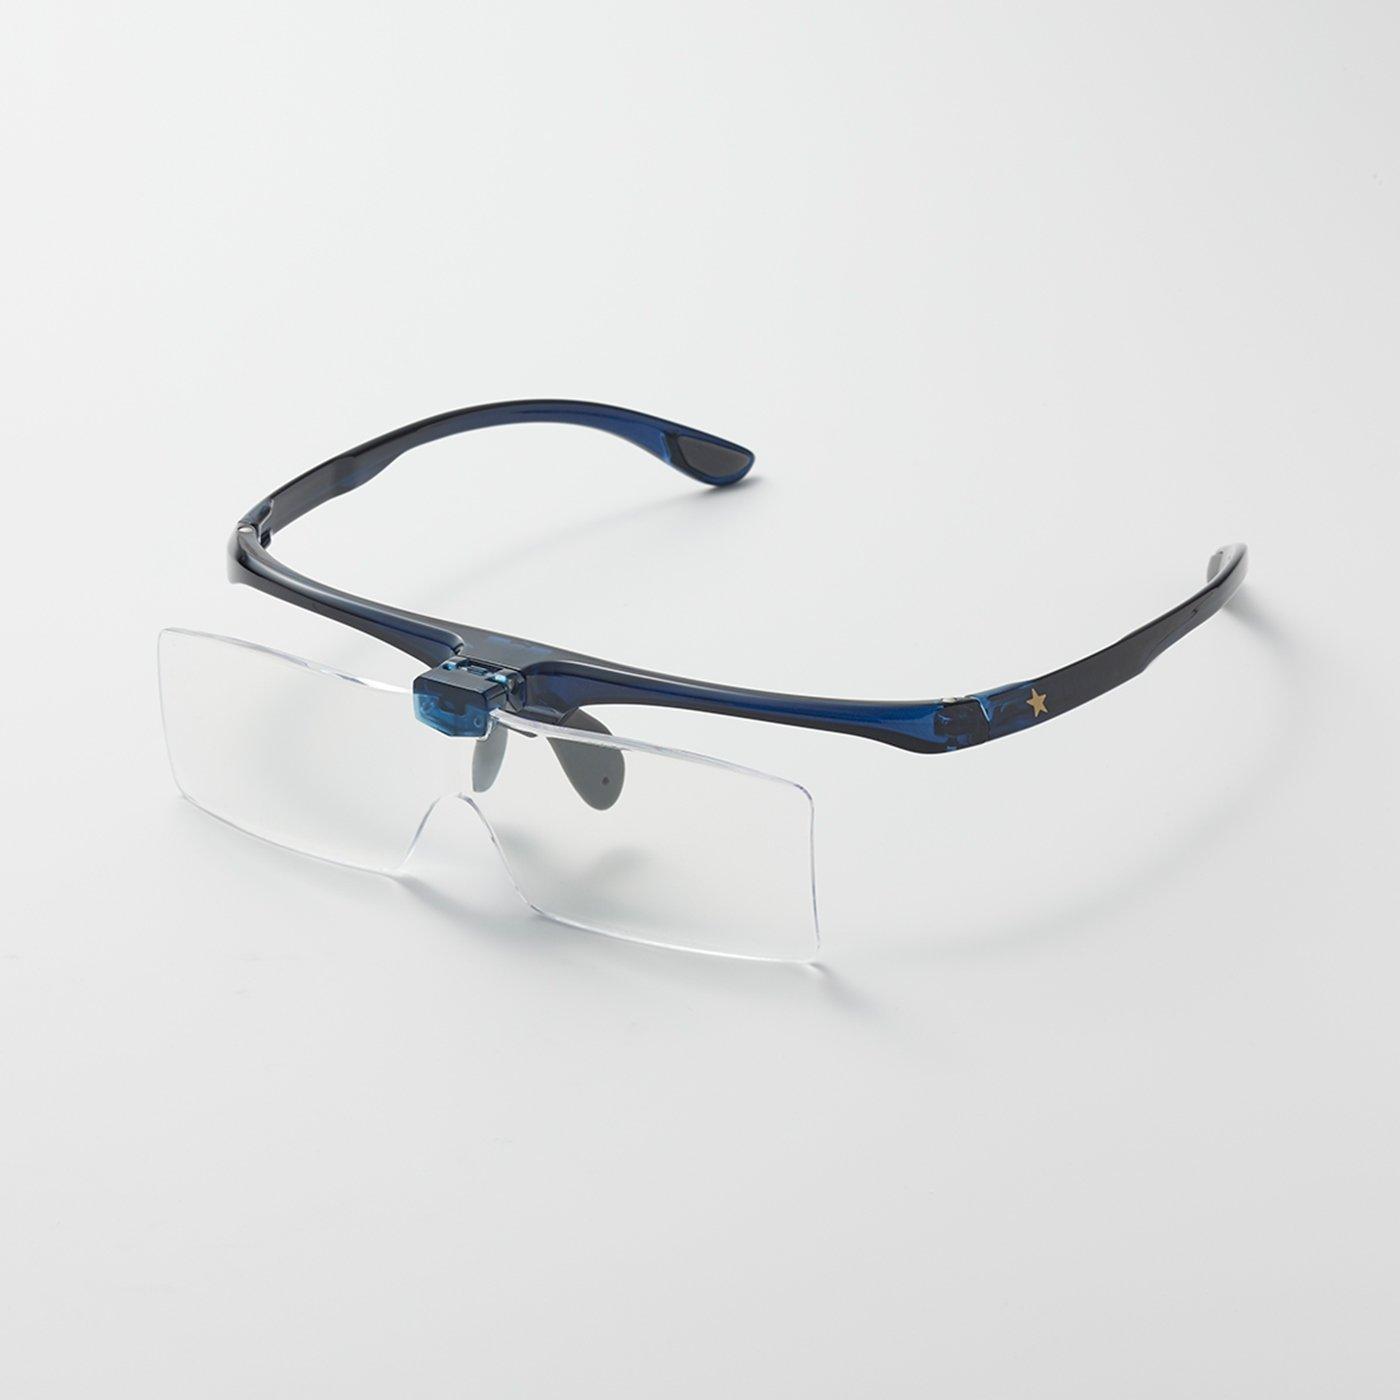 IEDIT[イディット]ワガママ企画 ゴールドスターがポイント! メガネの上からかけられて手もとがよく見えるメガネ型拡大ルーペ〈ロイヤルネイビー〉